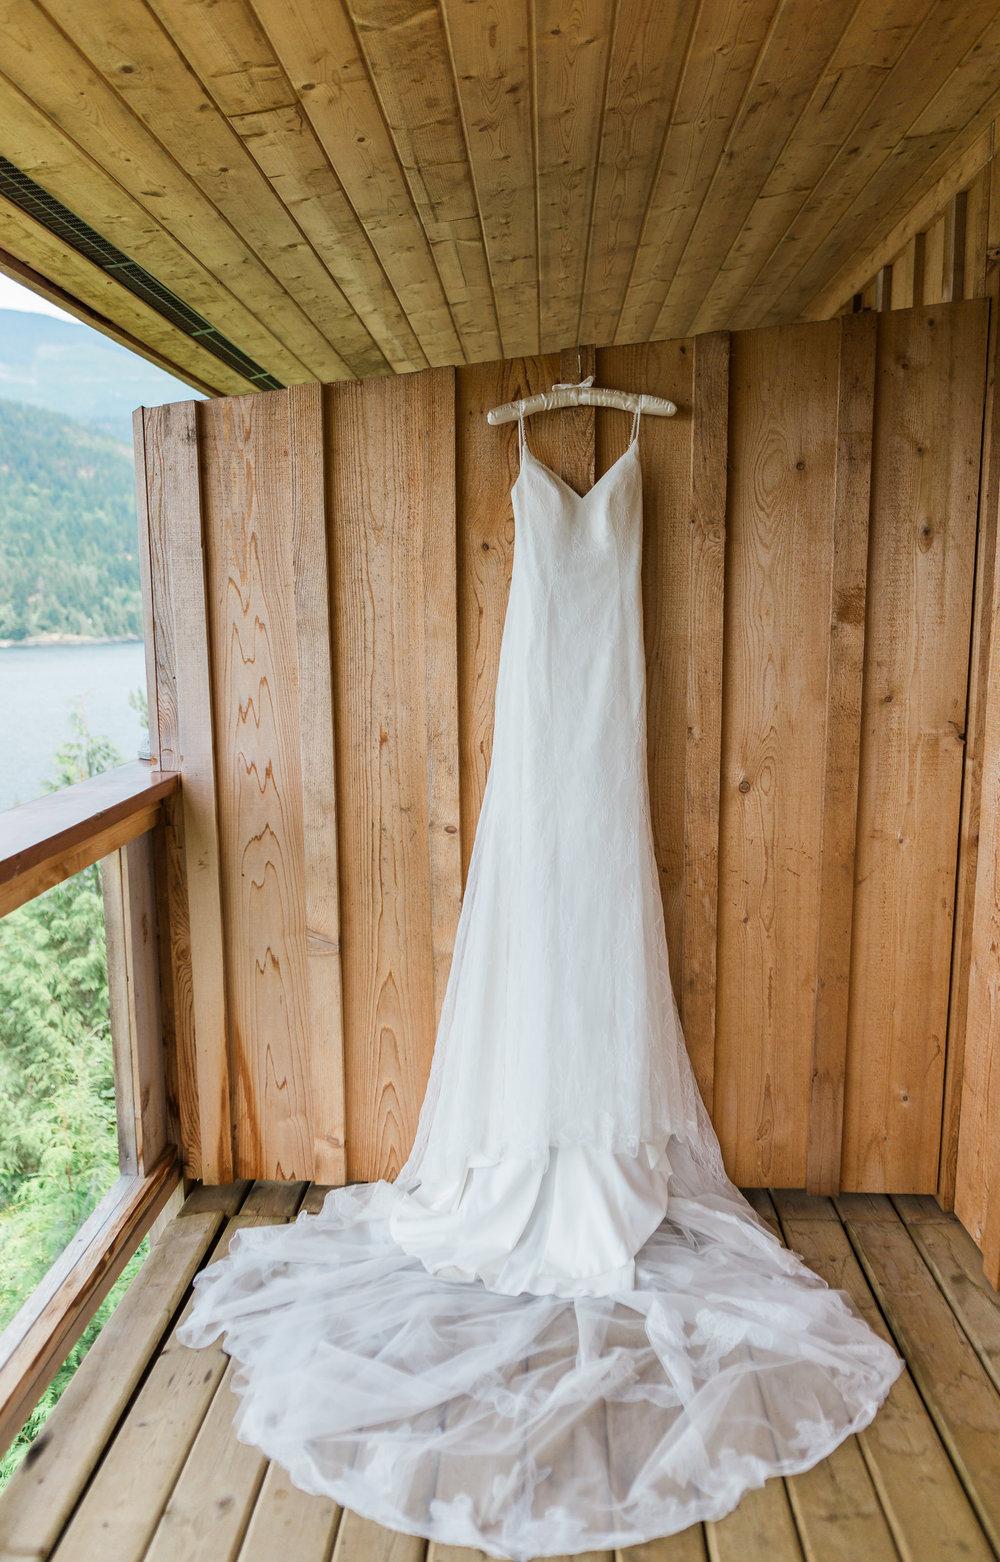 West Coast Wilderness Lodge Wedding - Jennife Picard Photography - Sunshine Coast Wedding Photographer - Vancouver Wedding PhotographerIMG_1696.jpg